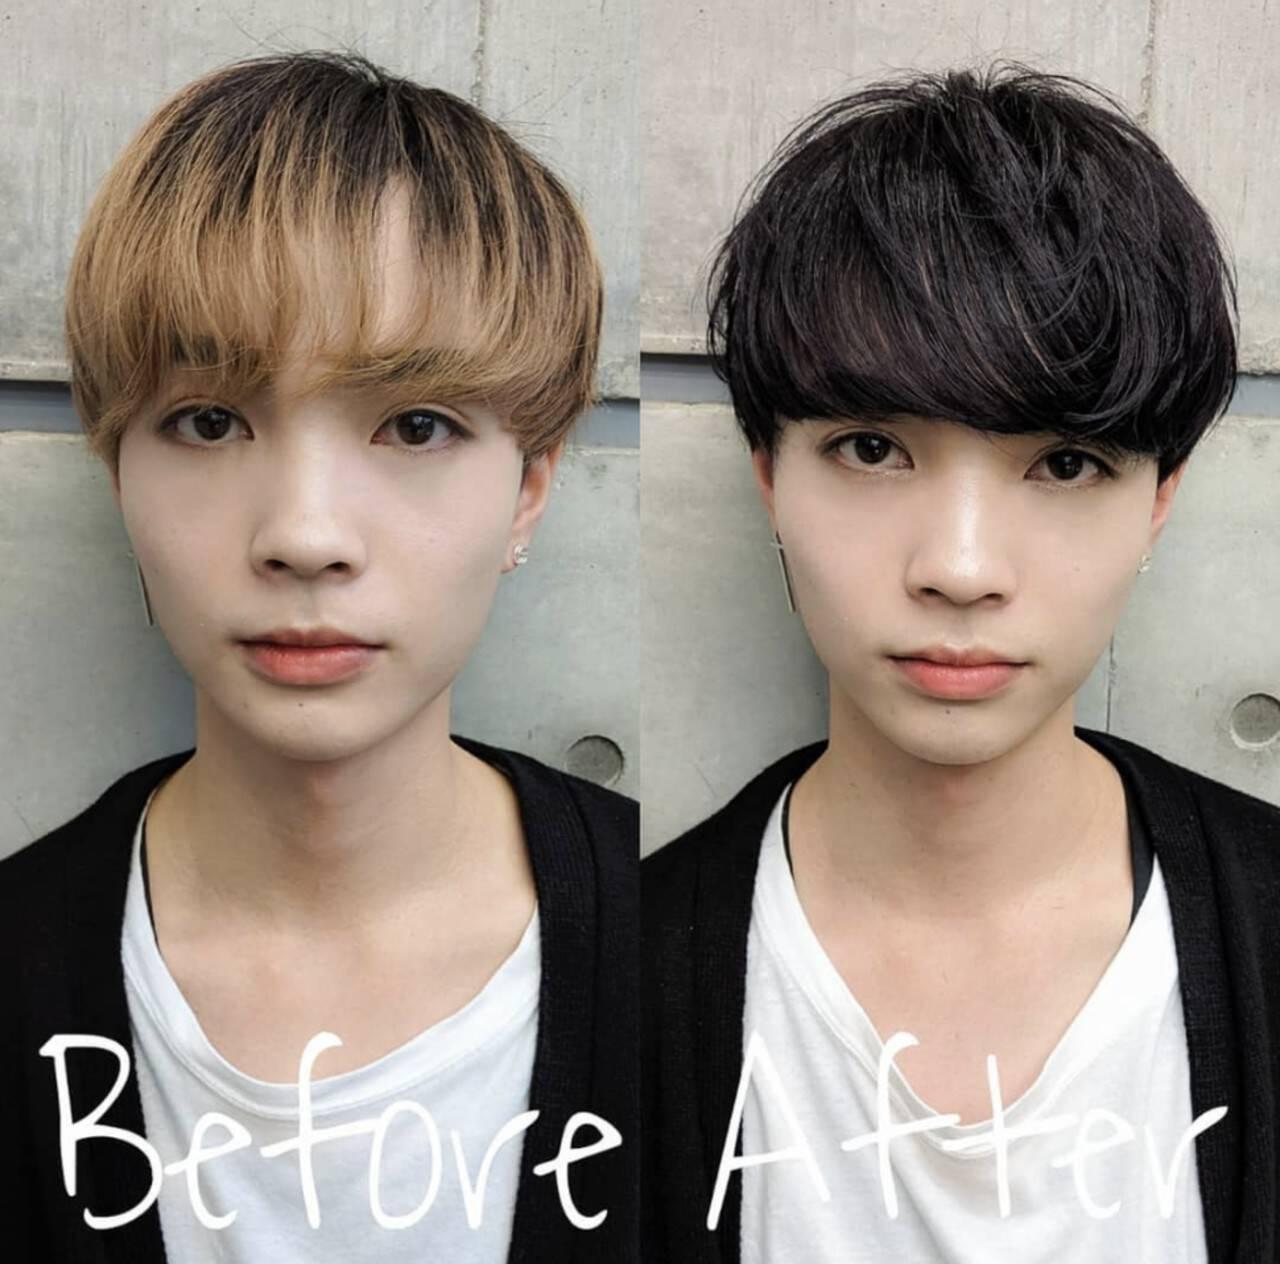 メンズマッシュ 刈り上げ メンズショート メンズスタイルヘアスタイルや髪型の写真・画像